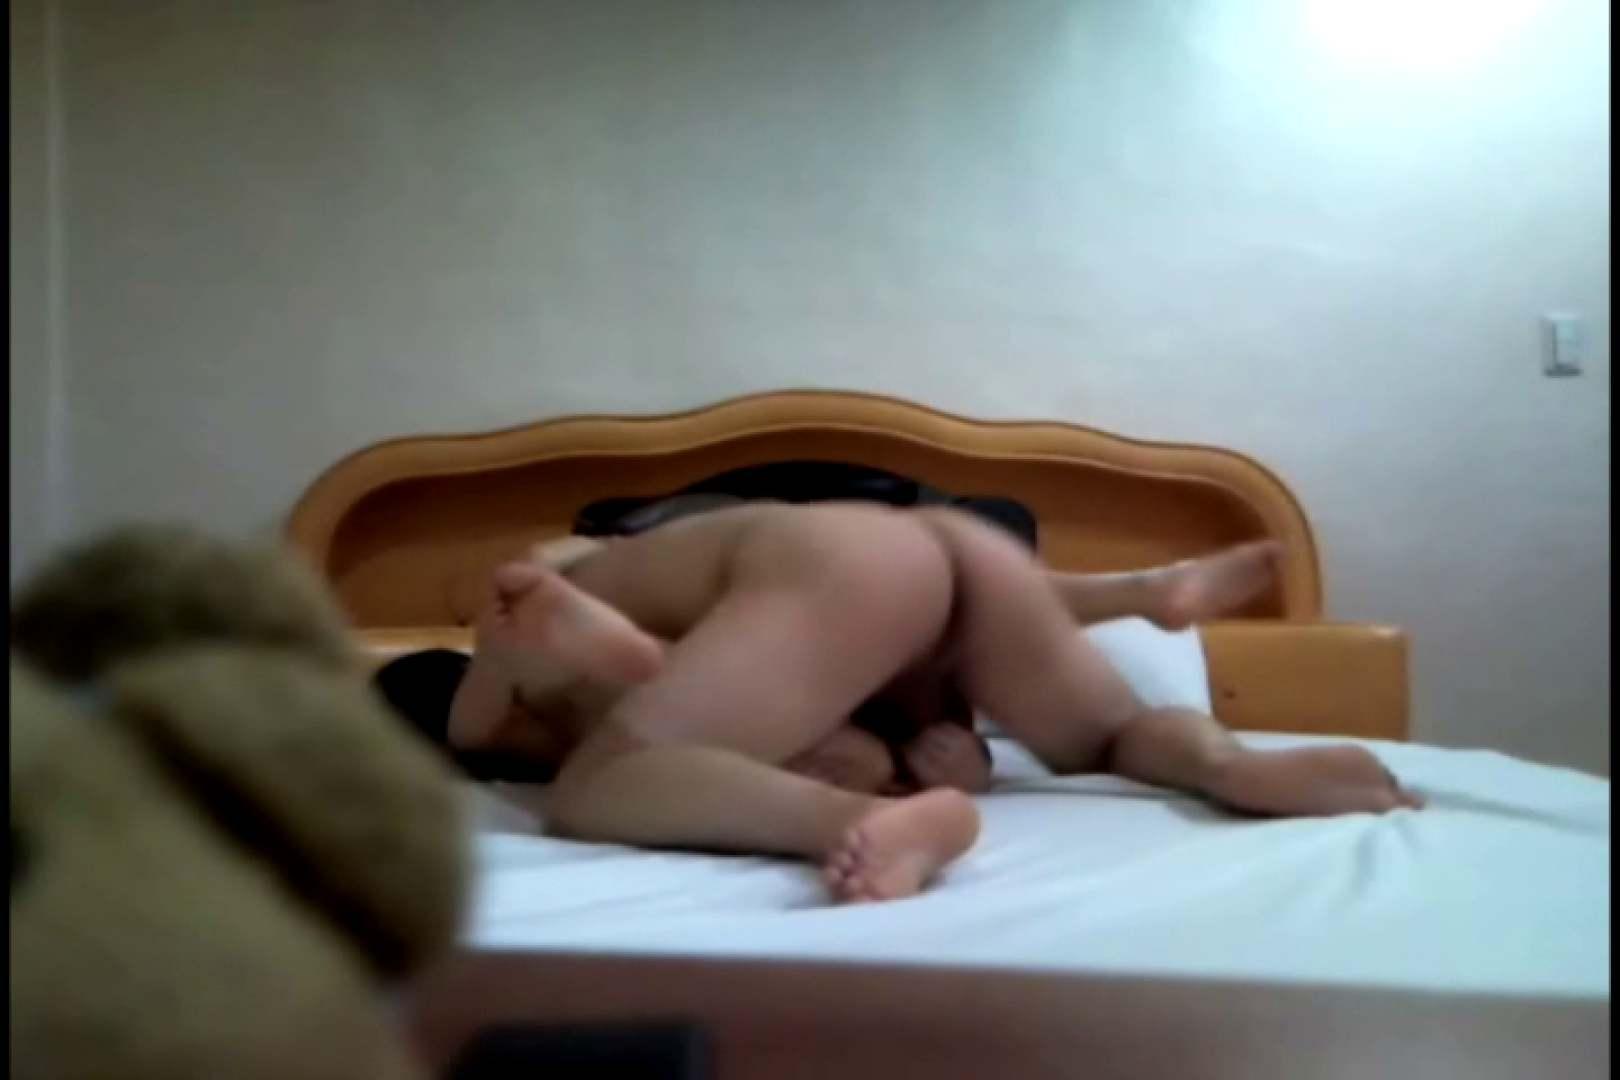 コリアン素人流出シリーズ ラブホテル隠し撮り セックス映像 ぱこり動画紹介 86pic 49